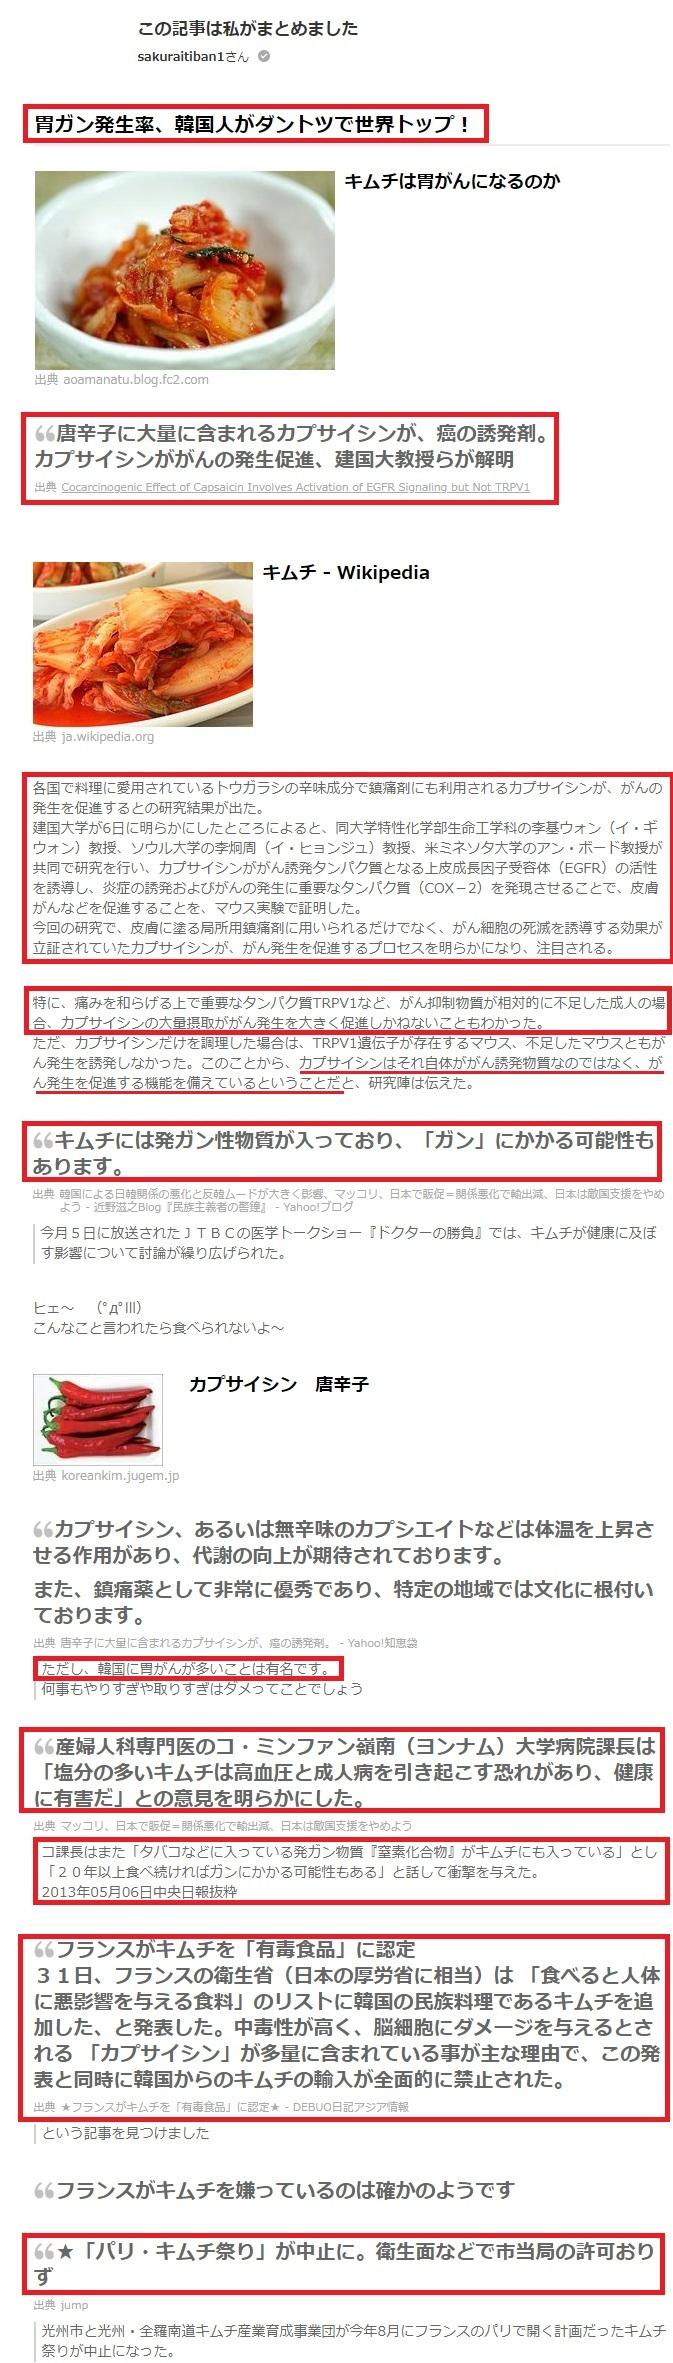 """韓国代表食品""""キムチ""""が健康を損なう3"""